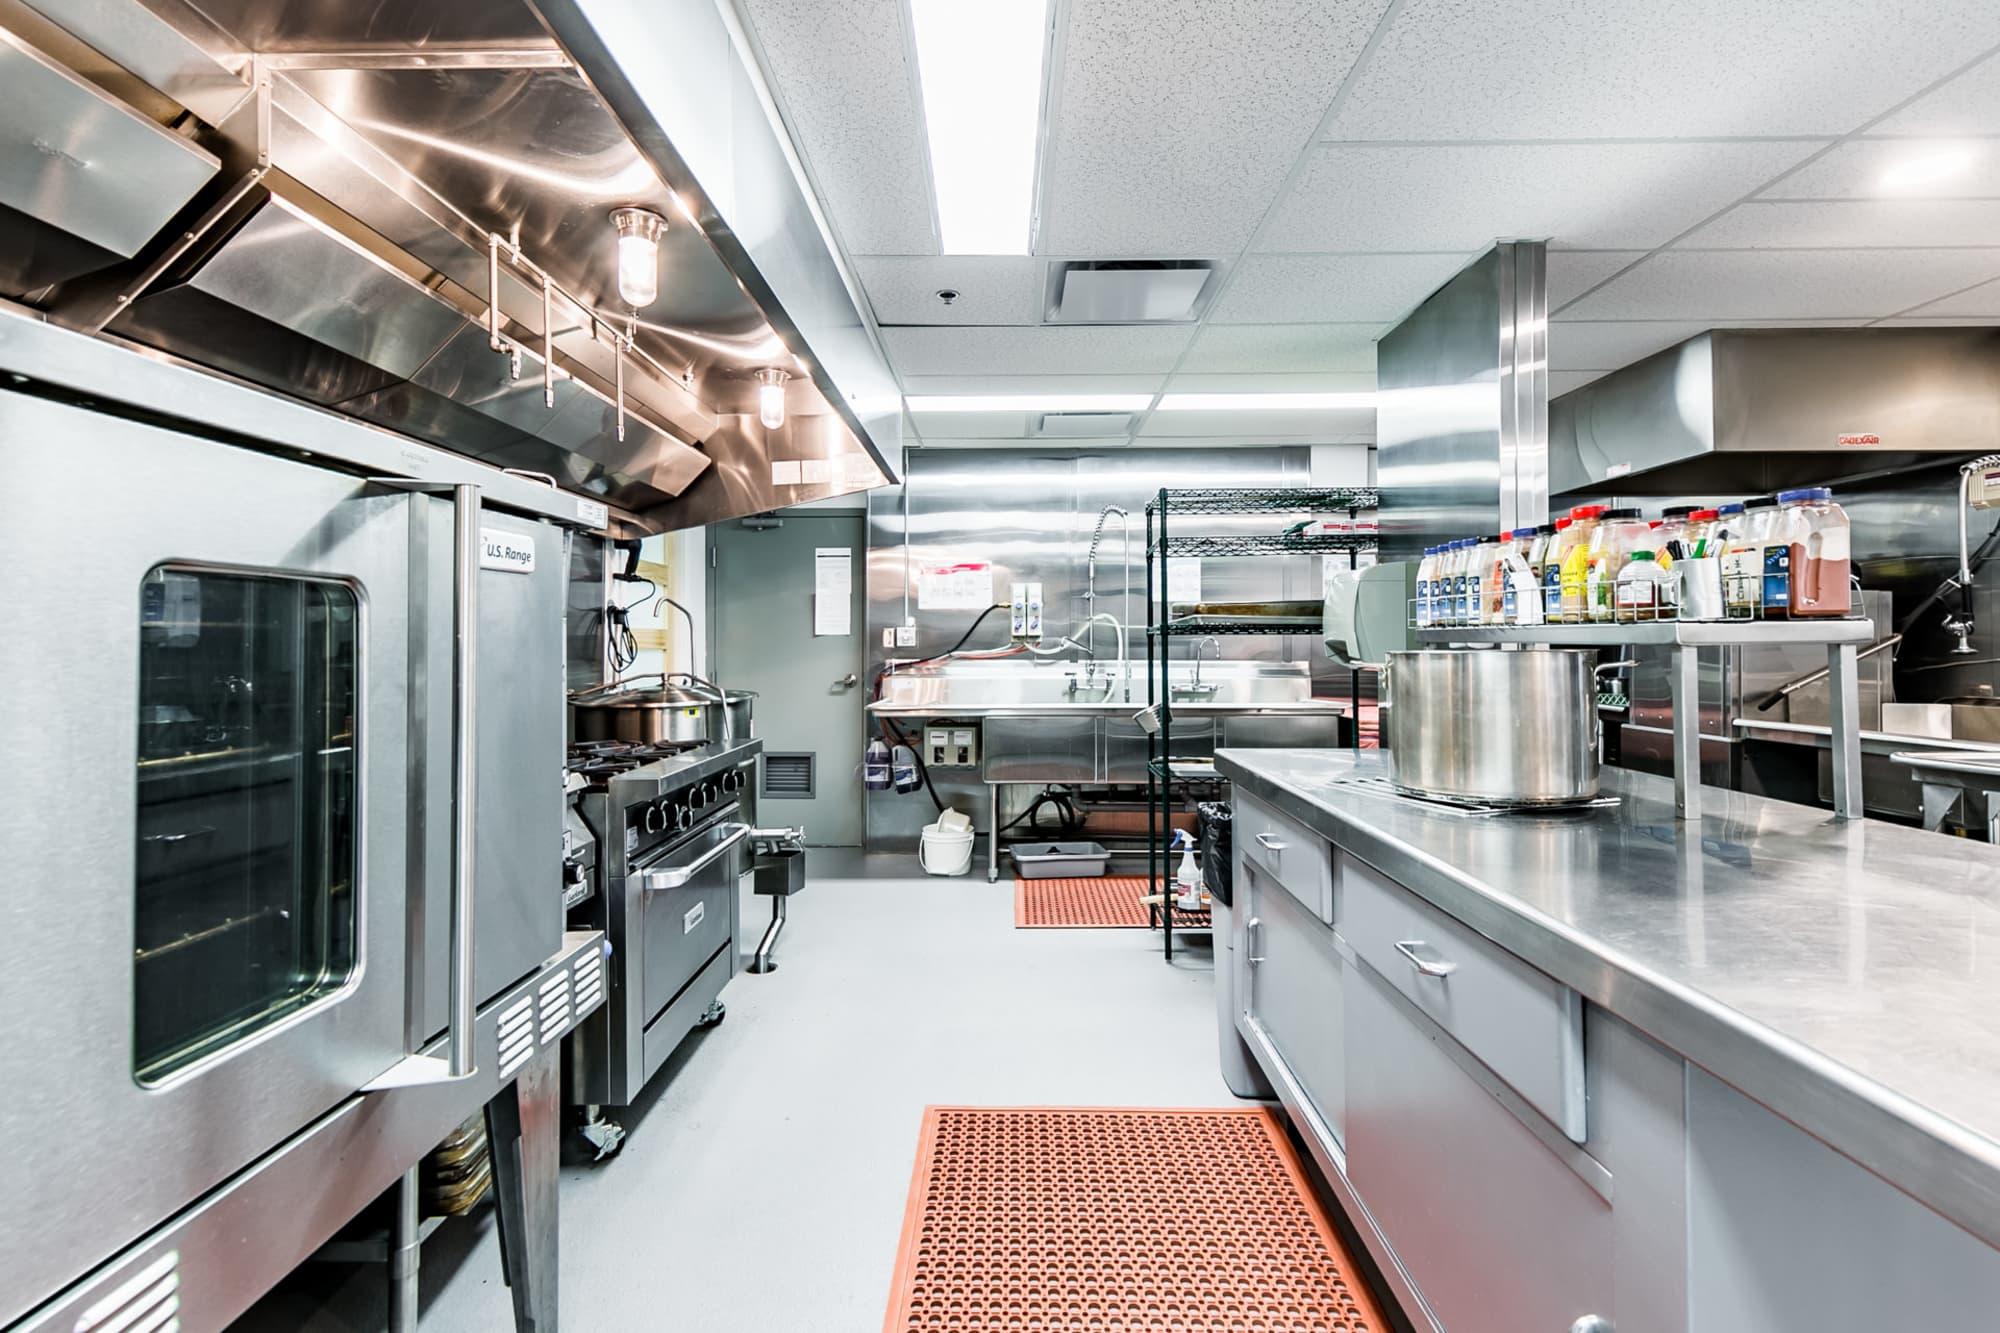 cuisine commerciale aménagée dans un centre pour personnes âgées avec équipements en inox